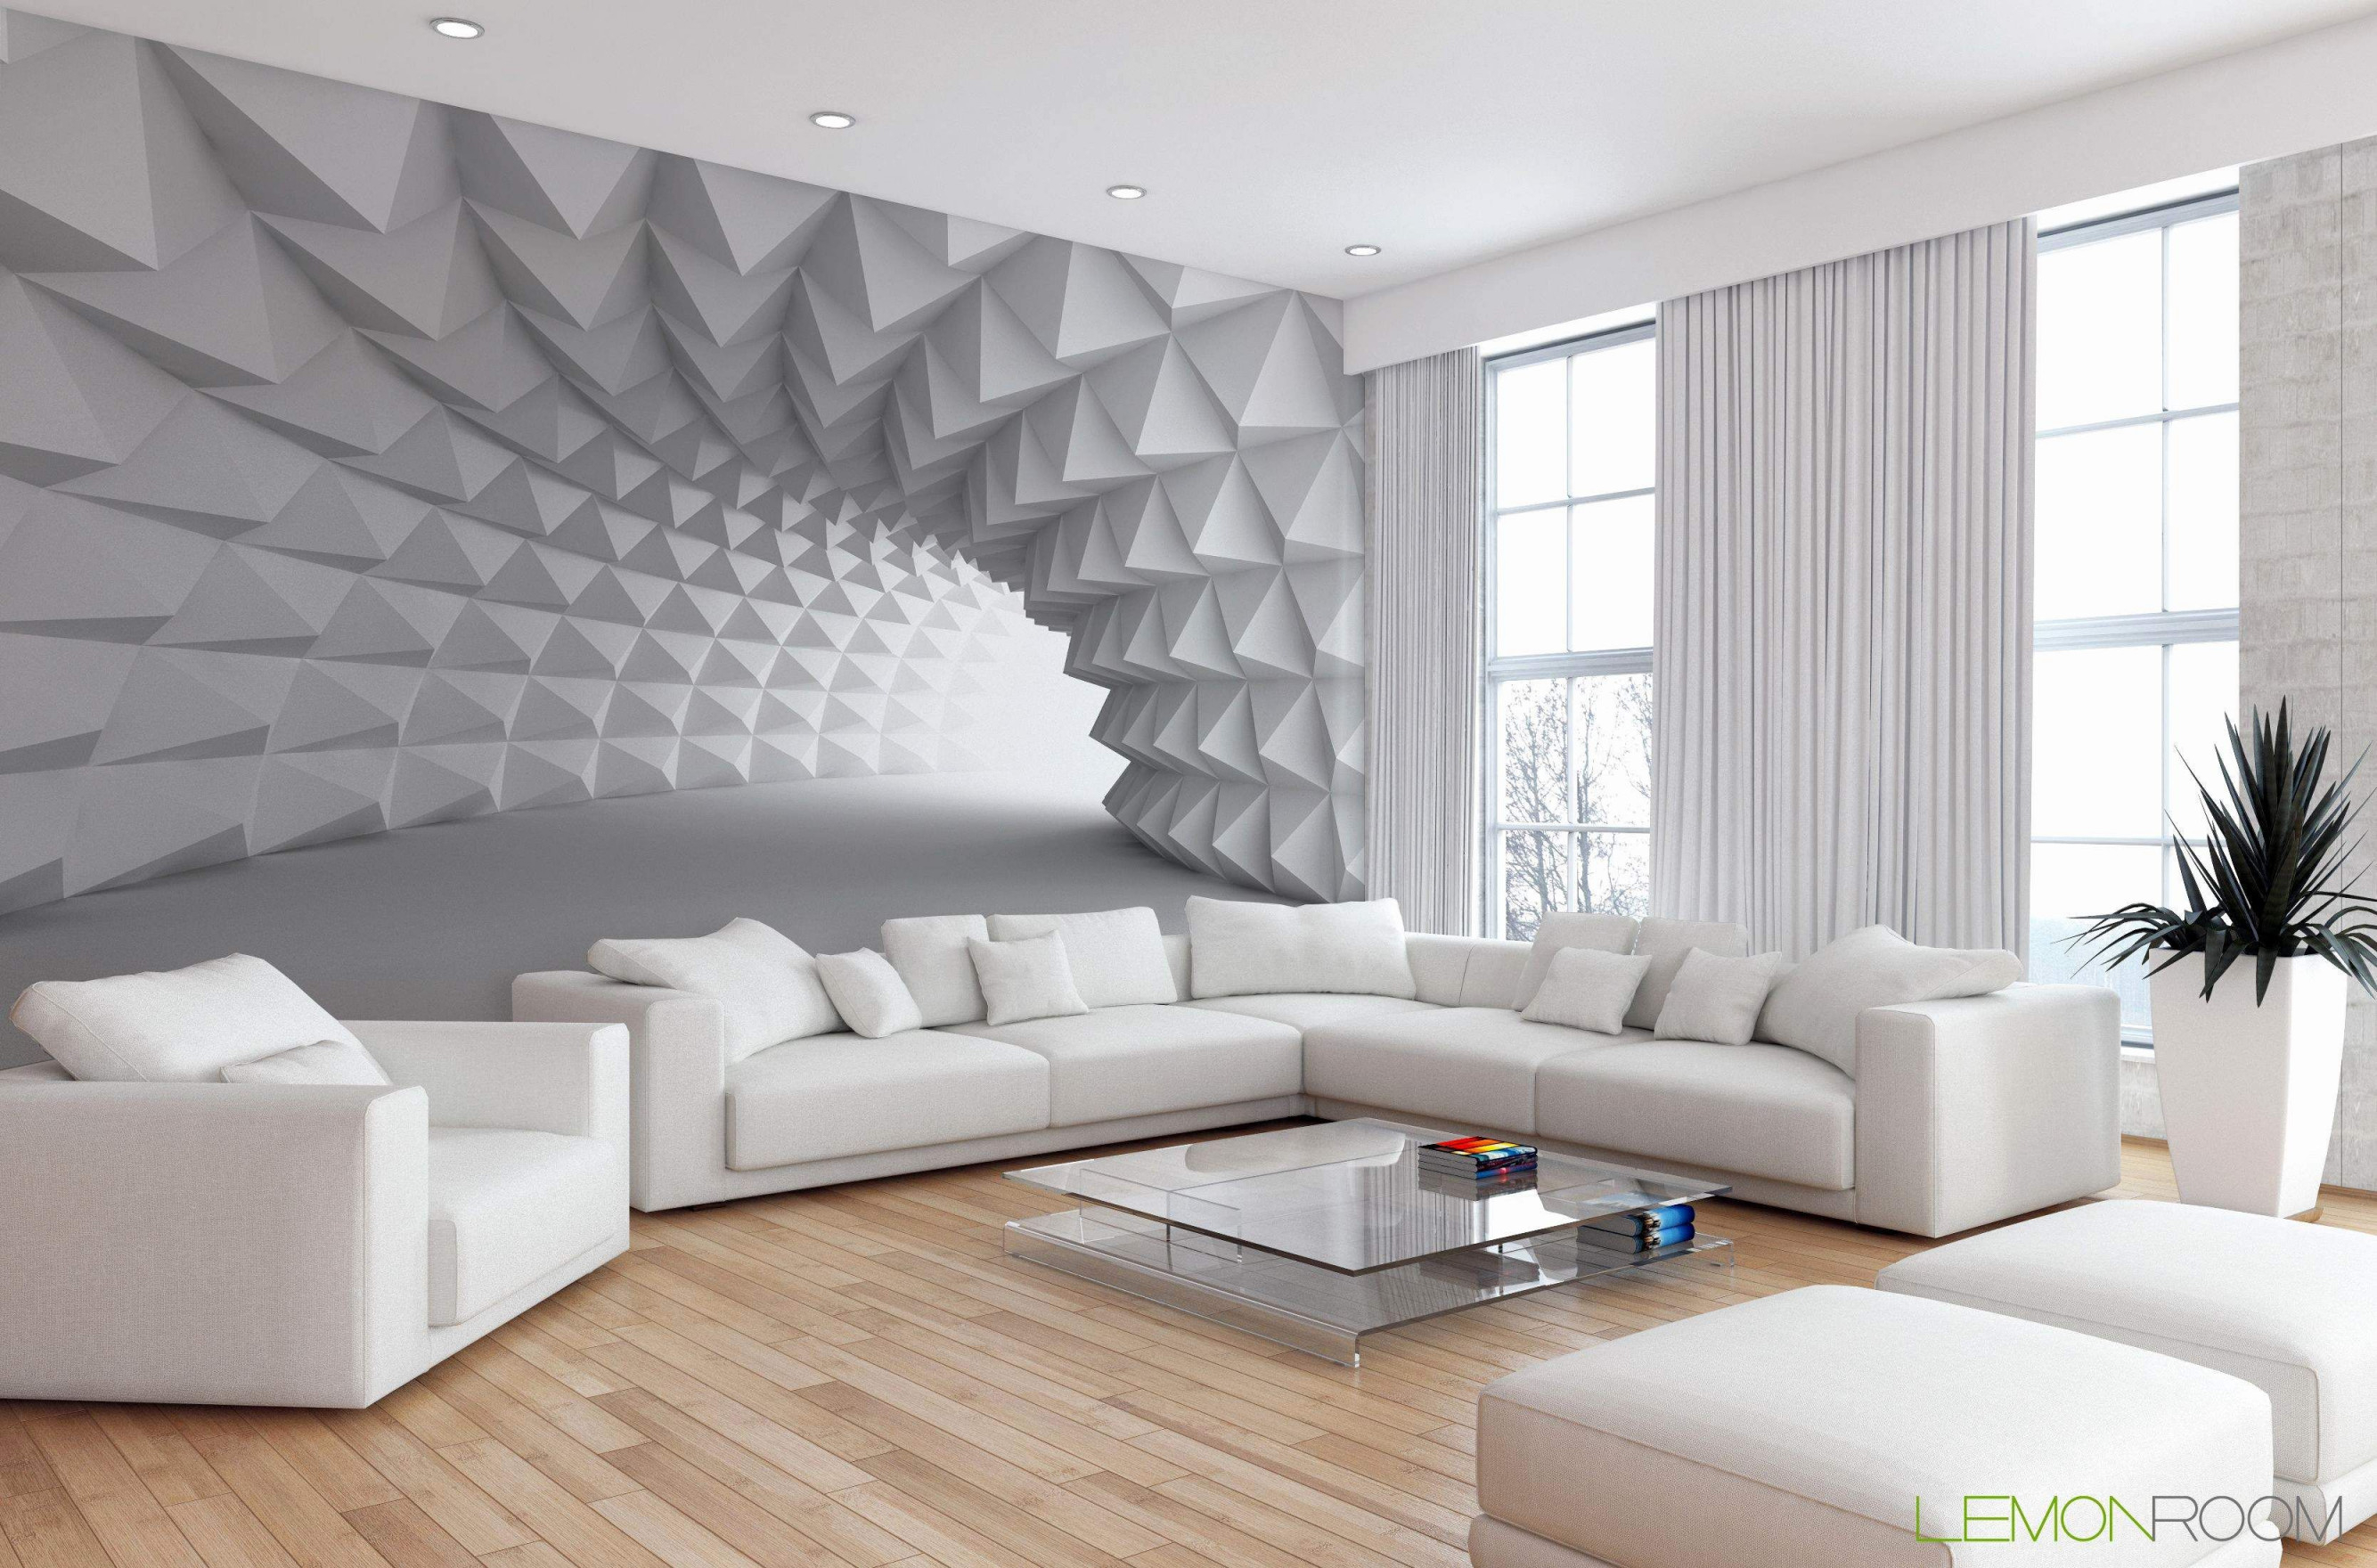 Moderne Wohnzimmer Tapeten Schön 31 Inspirierend Moderne von Schöne Tapeten Für Das Wohnzimmer Bild